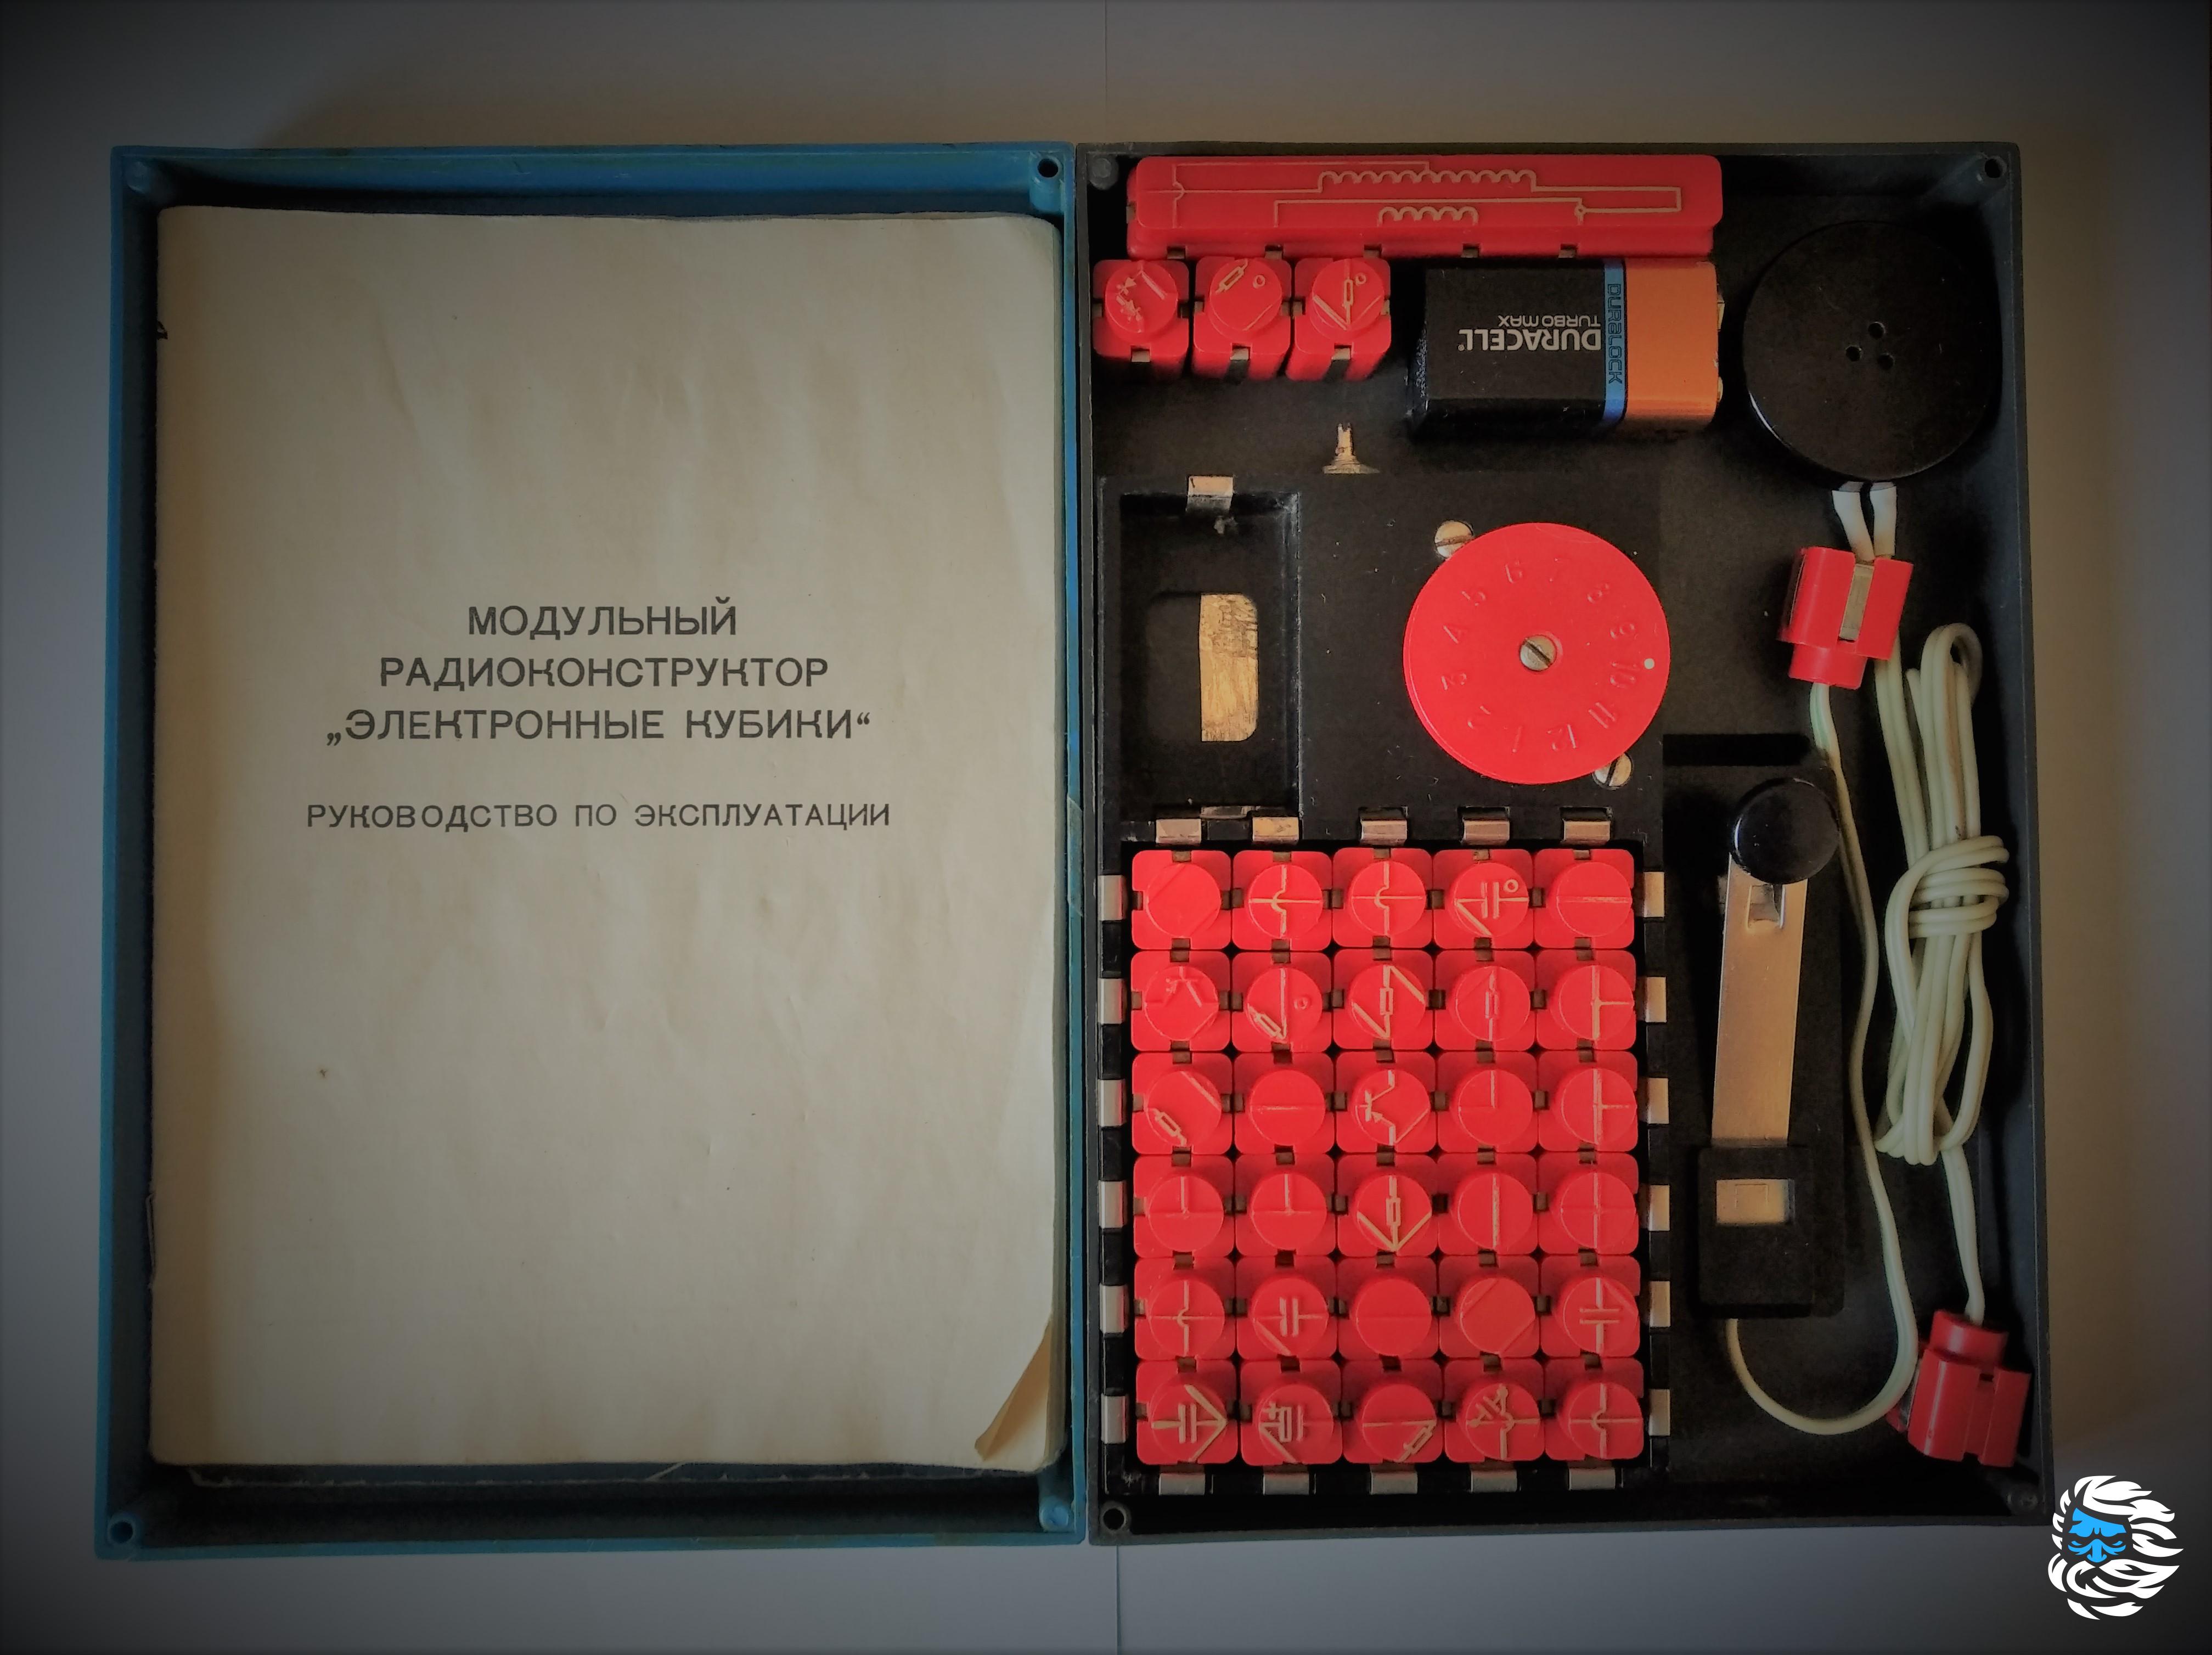 Радиоконструктор «Электронные кубики»: ностальгия по детству - 1